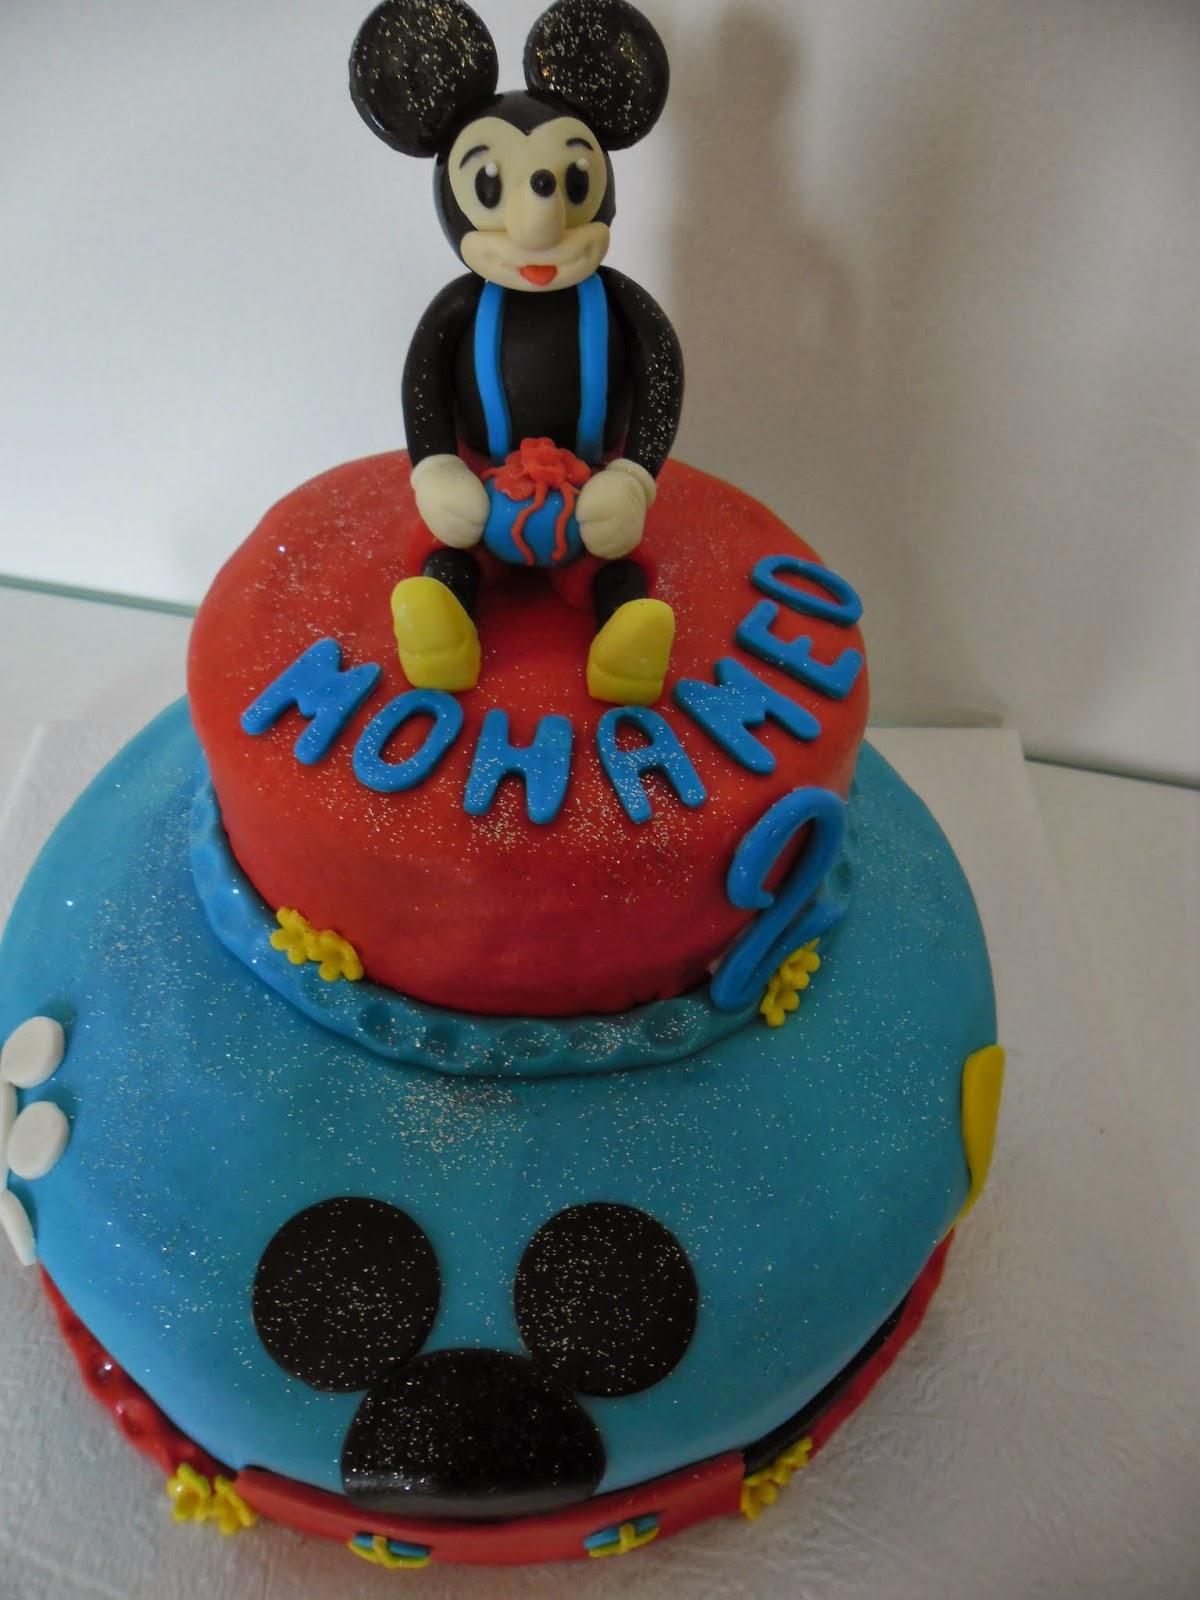 Berühmt gâteau d'anniversaire Mickey Mouse | GATEAUX D'ALINE YV14